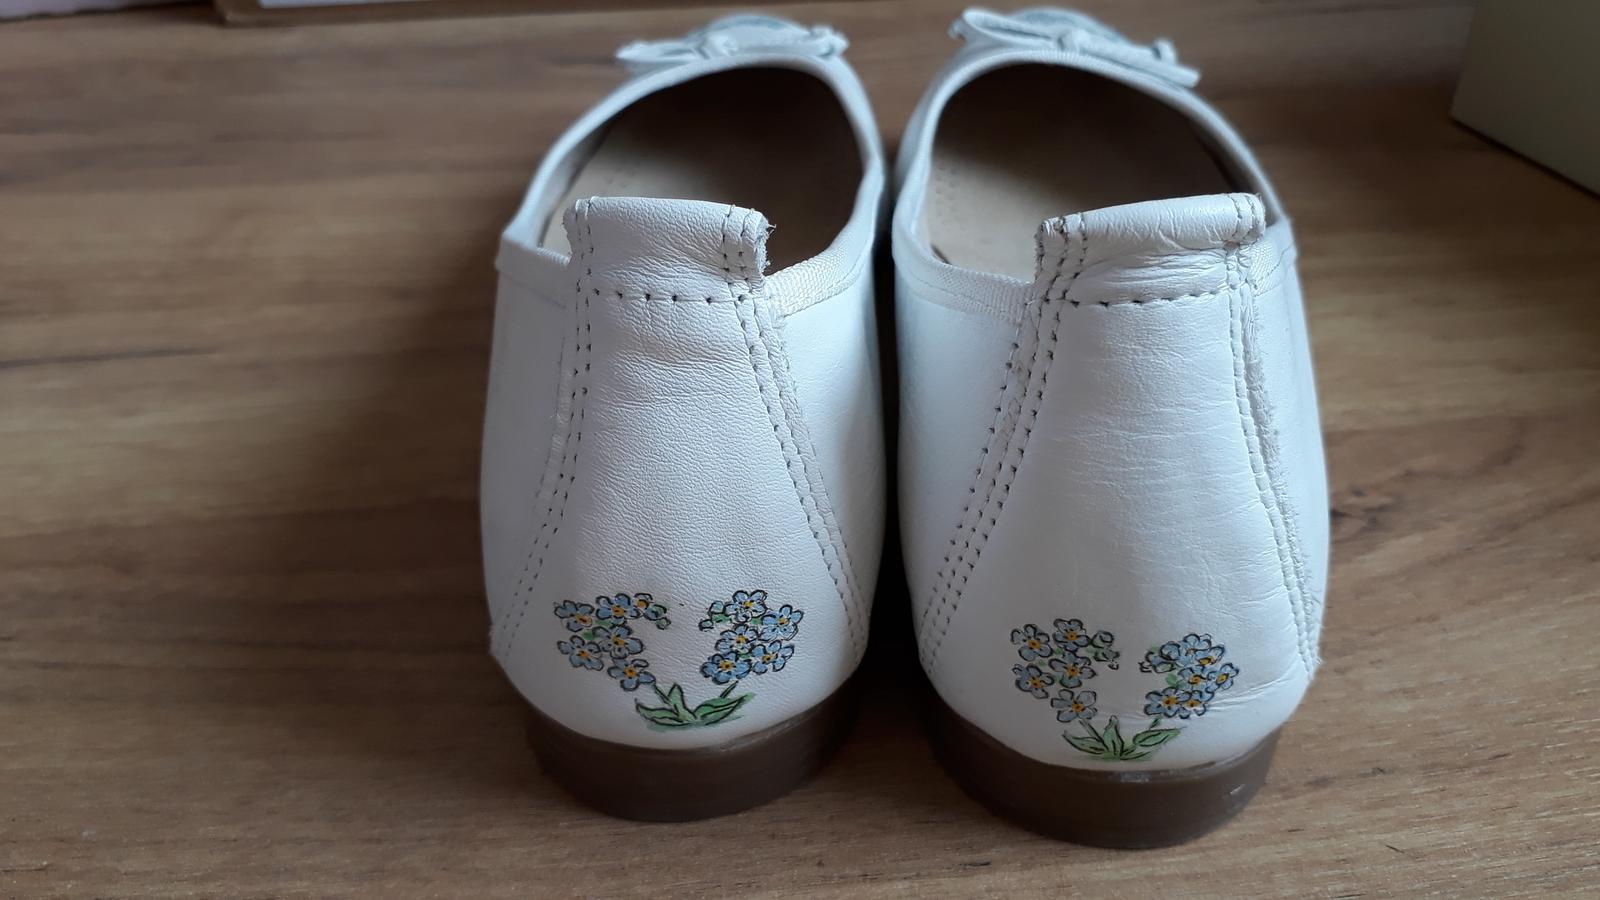 Co uz mame... - Zadni strana svatebnich boticek-kreslila ma nejsikovnejsi babicka. Pry boty s pribehem- 2 pomnenkove rostlinky,ktere k sobe s laskou sklani jako ja s muzem :-)